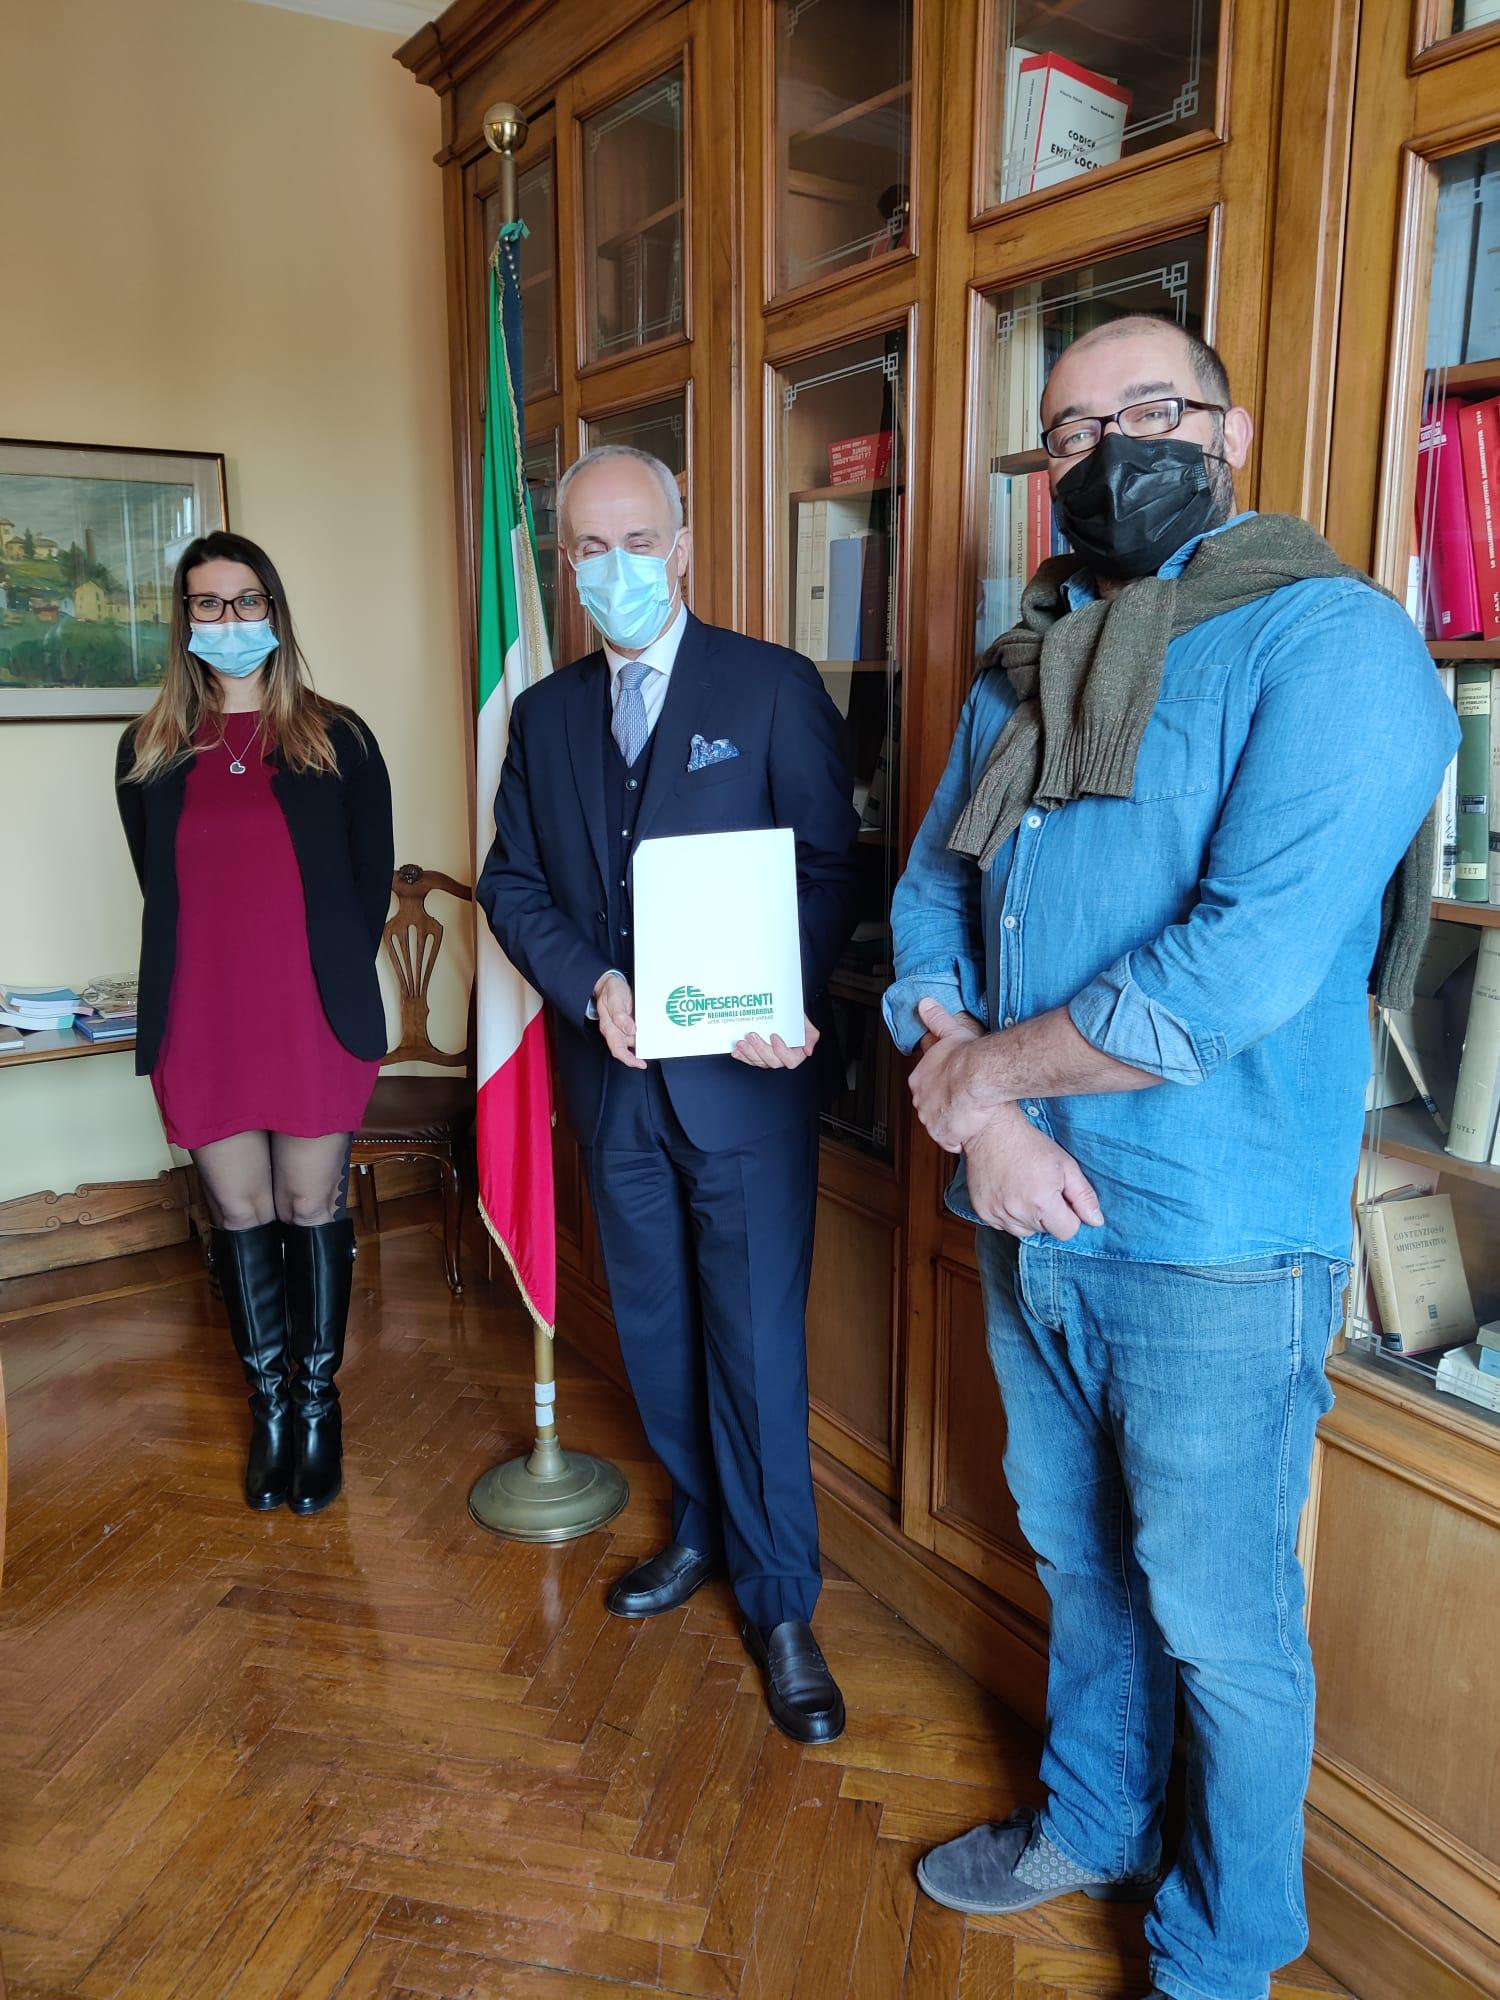 Confesercenti Lombardia, fase 3: basta colori per il lavoro, ma solo per la gestione della salute. Incontro con il Prefetto Caputo